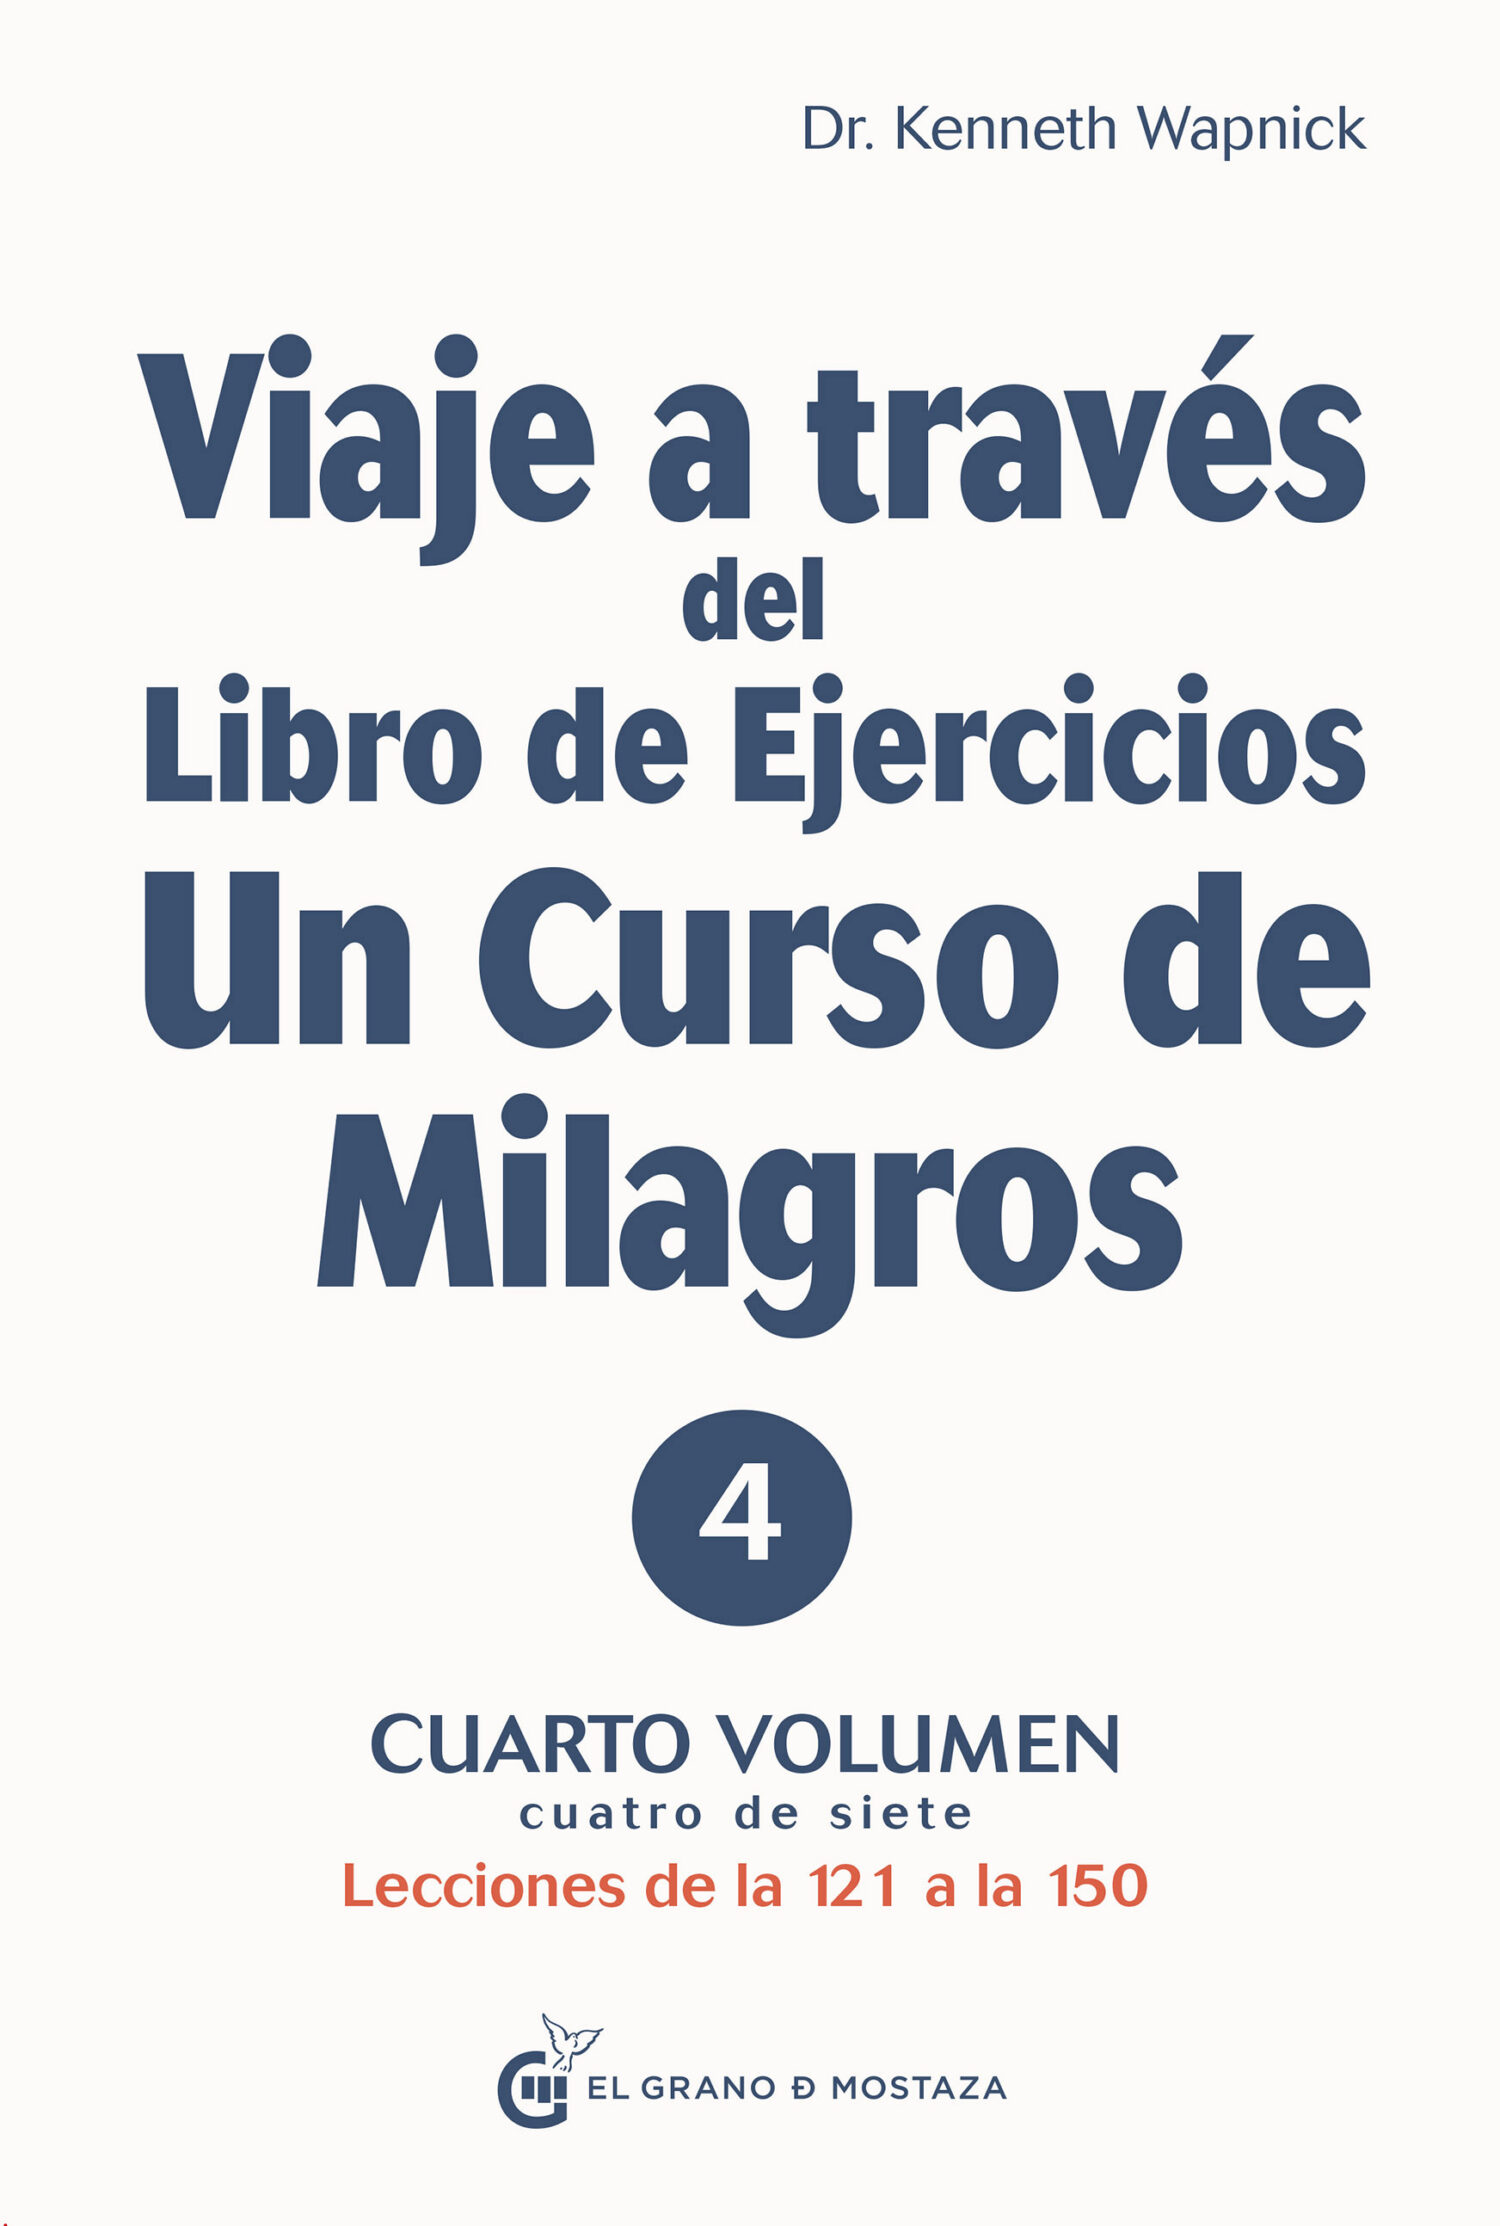 Portada viaje a través volumen 4